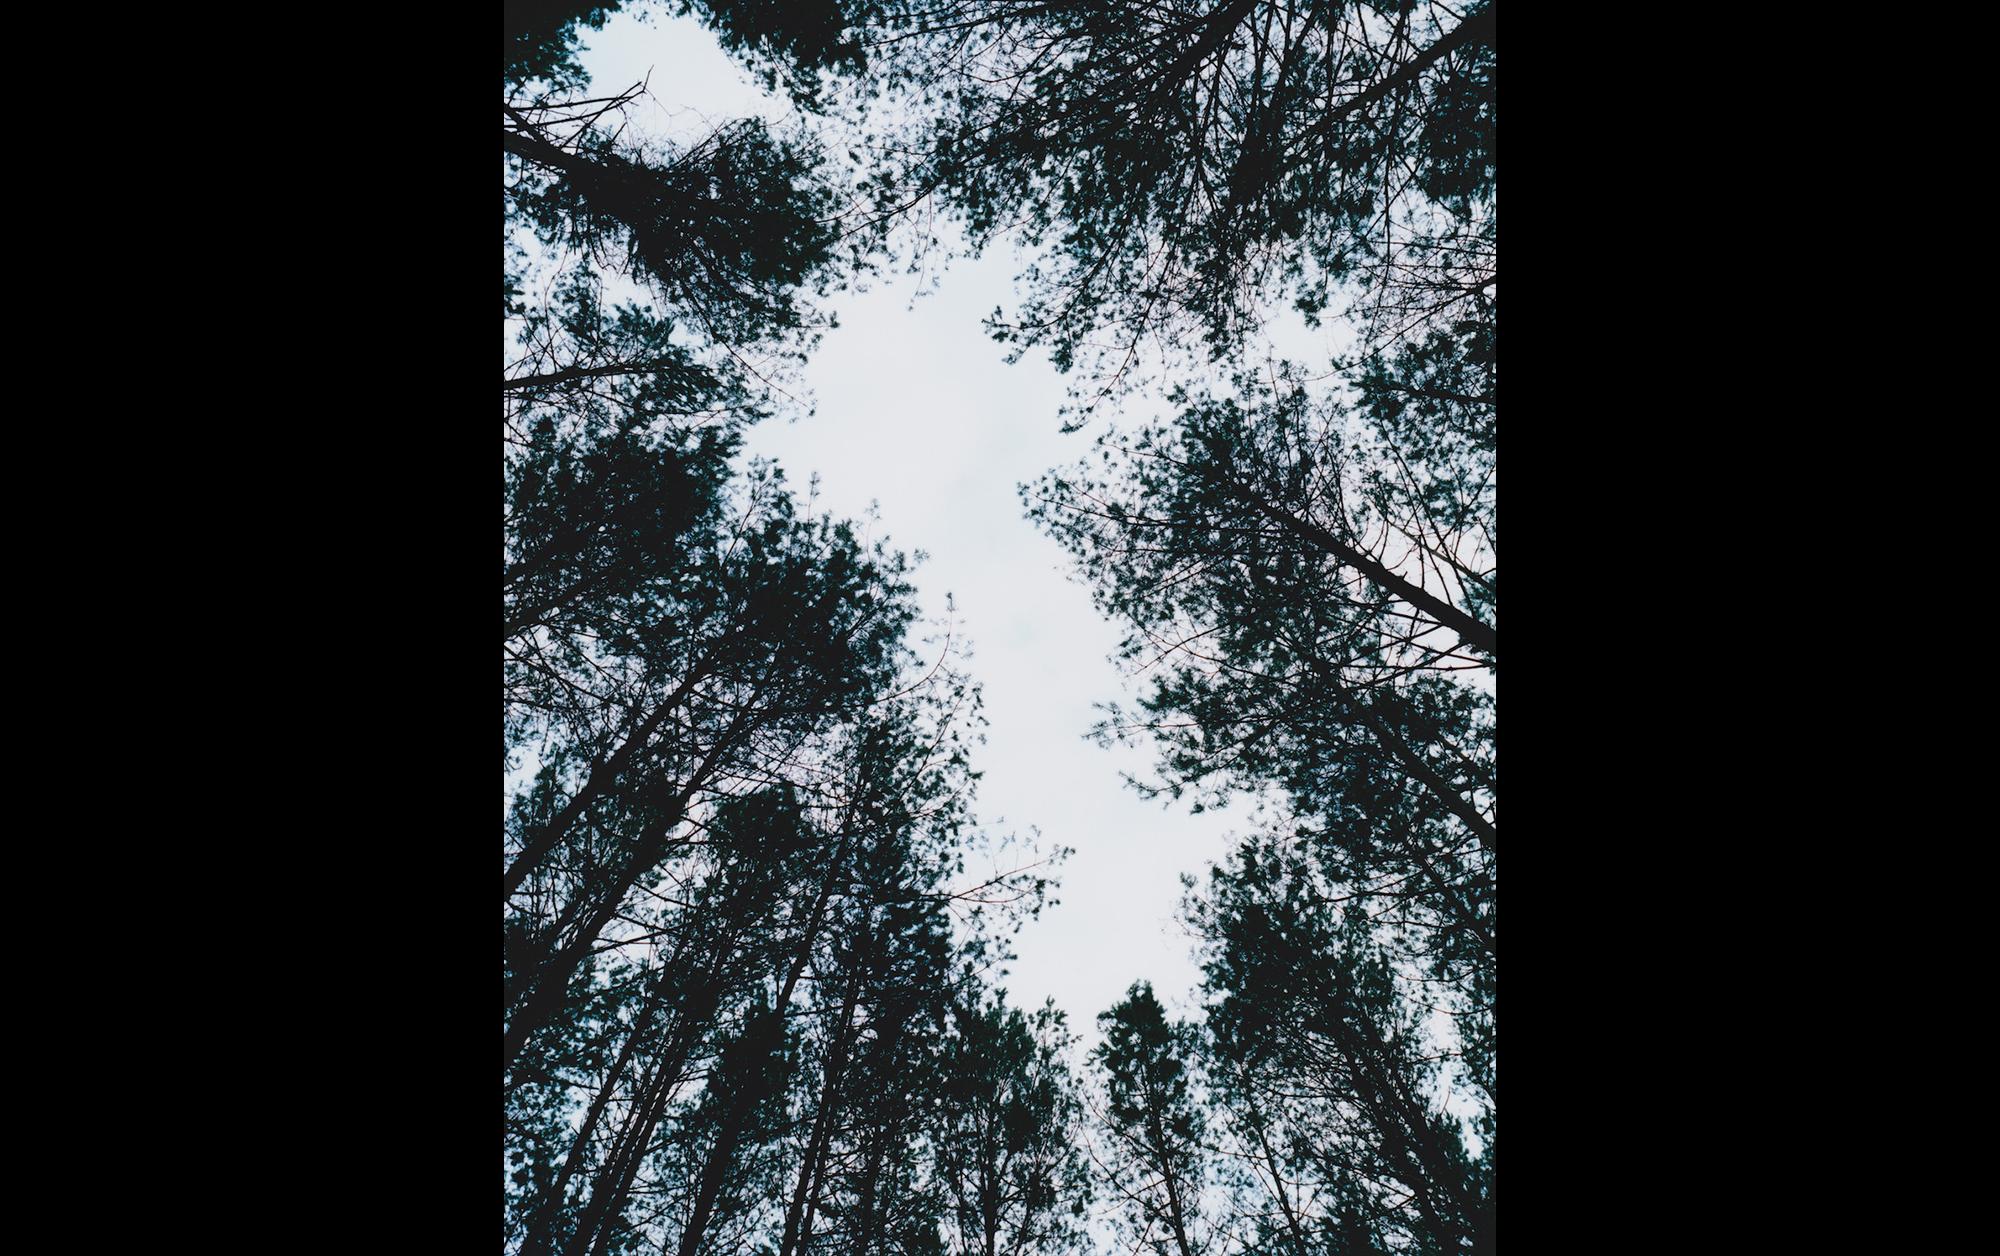 津田直「エリナスの森」より